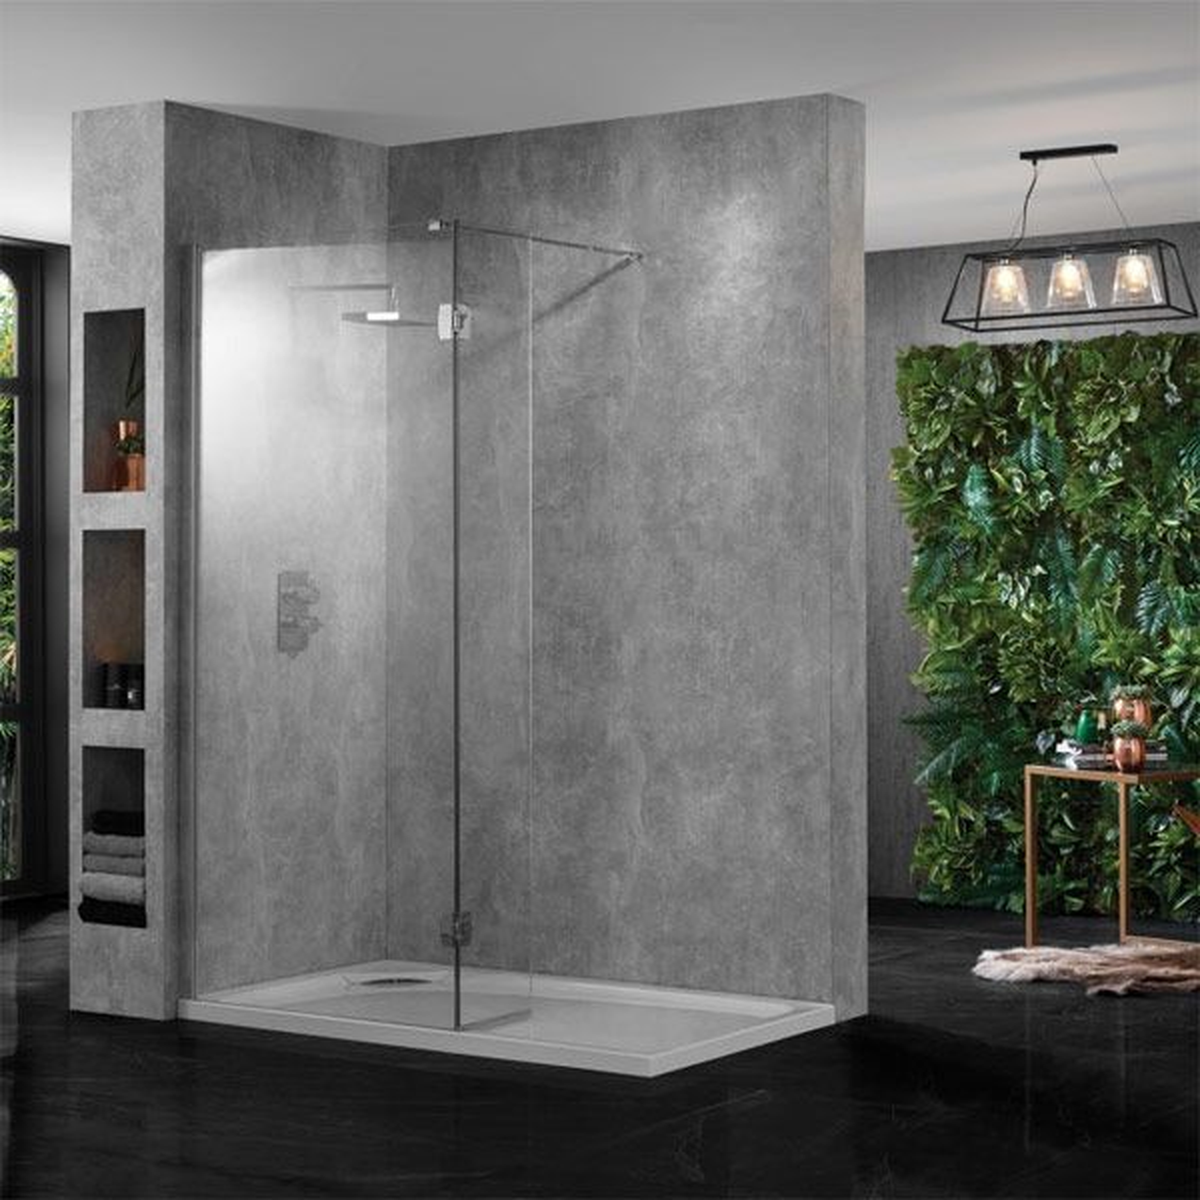 Aquadart Wet Room 10 Polished Silver Wetroom Shower Enclosure